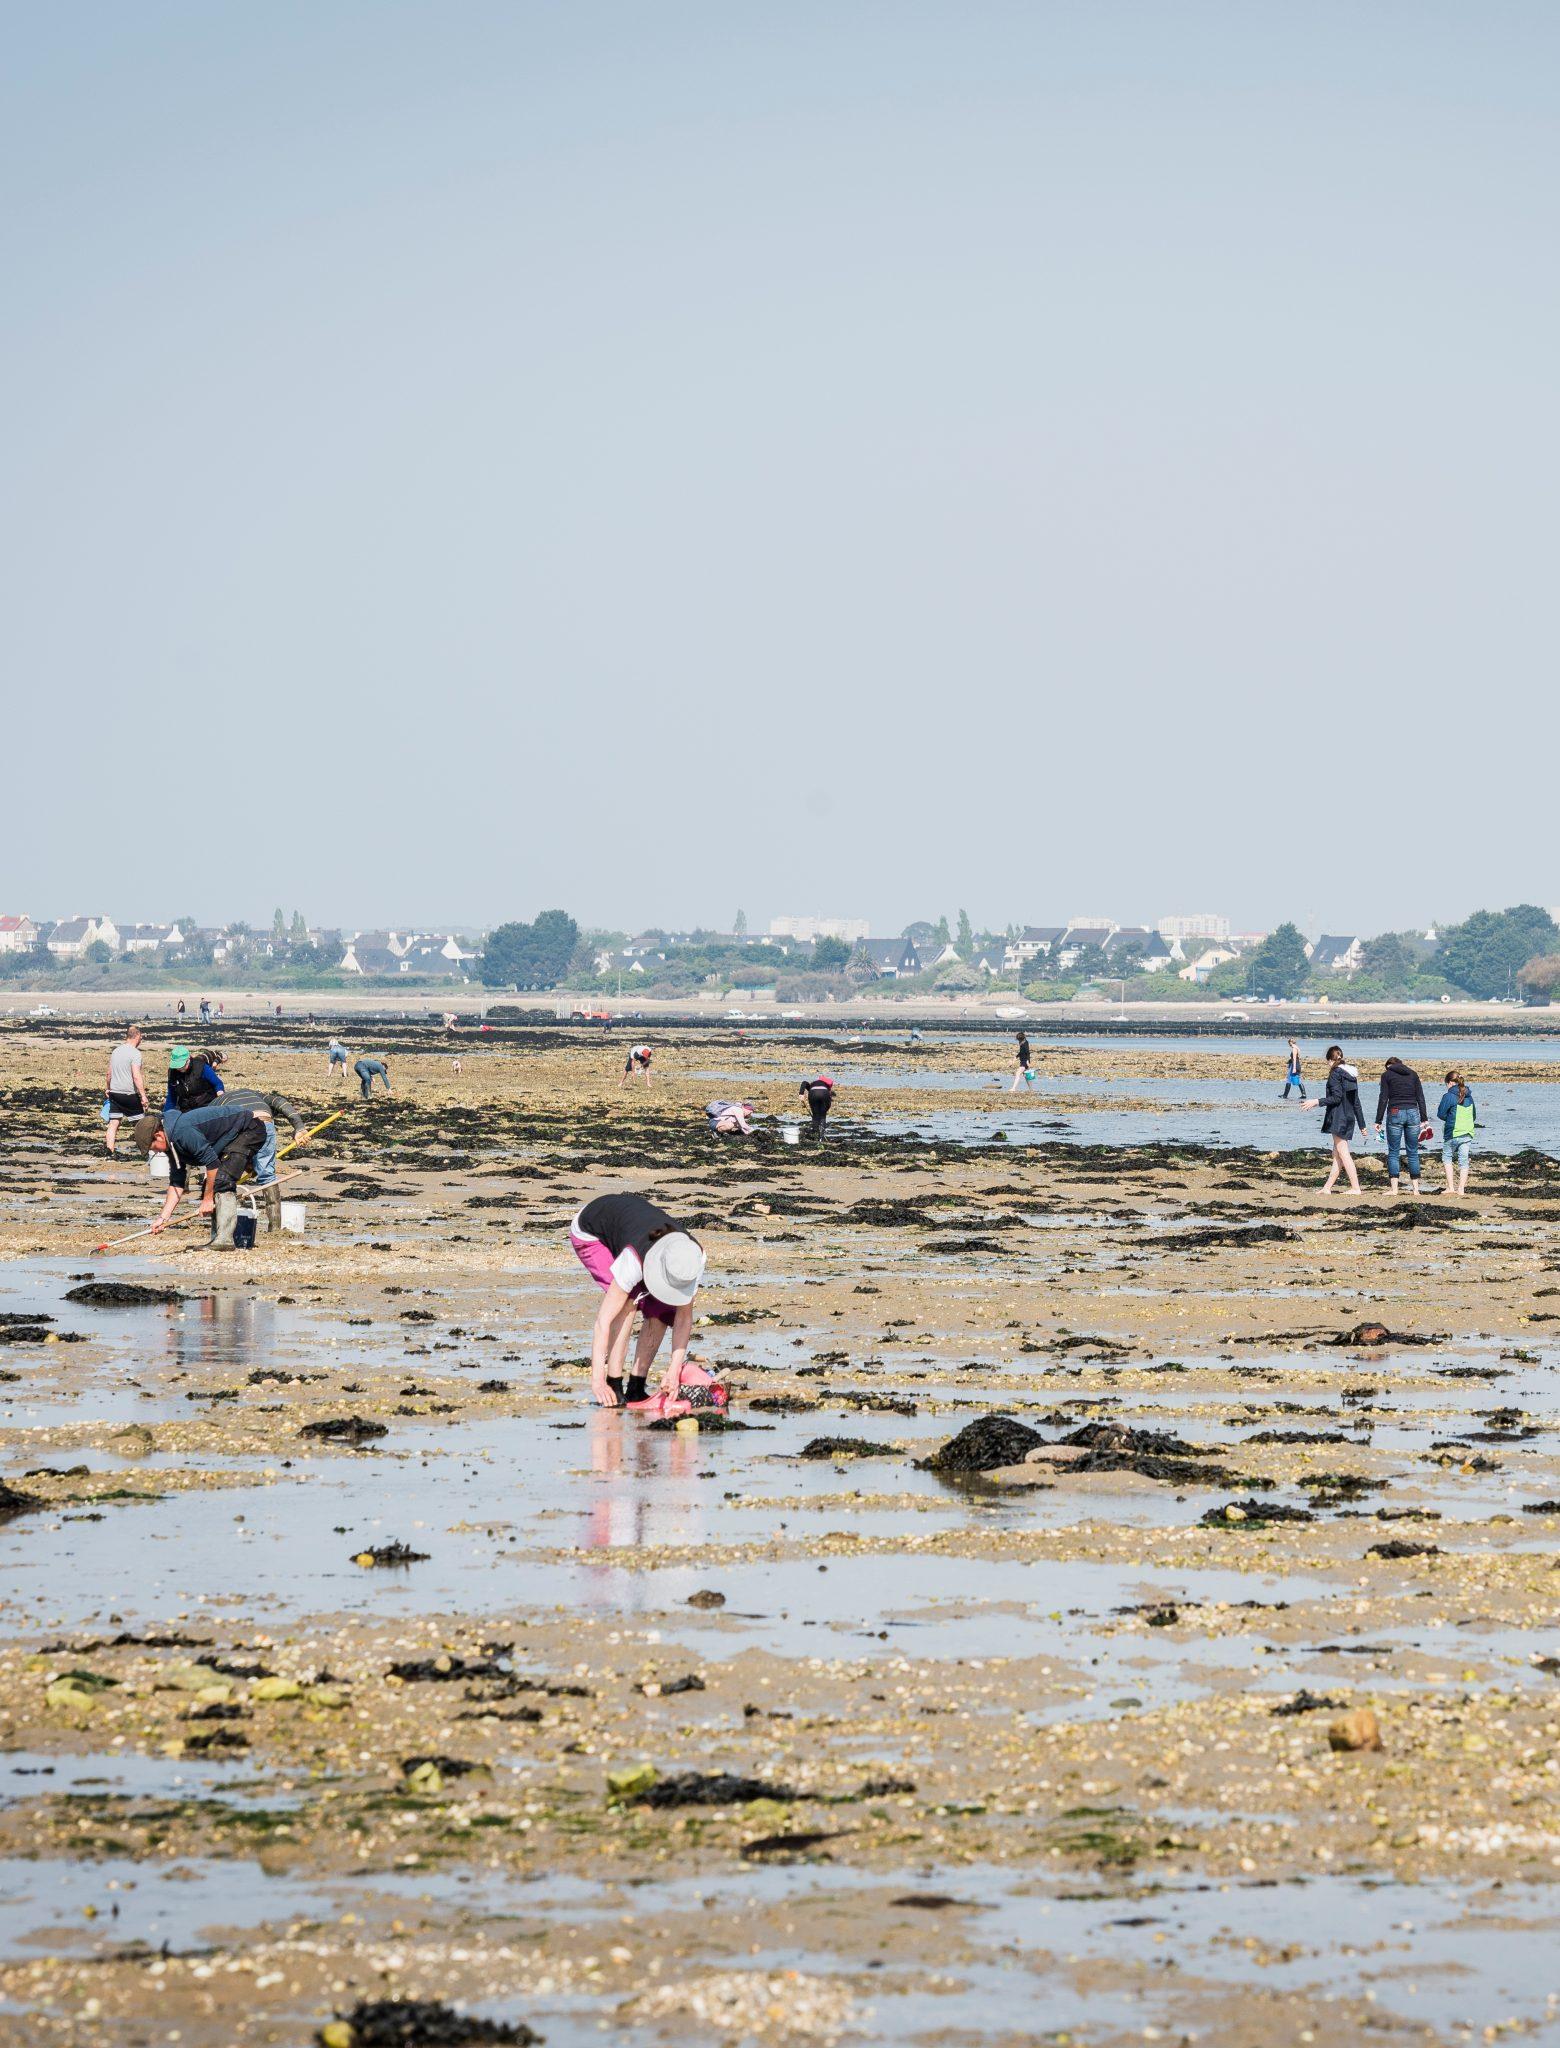 famille à la pêche à pied sur la presqu'île de Gâvres